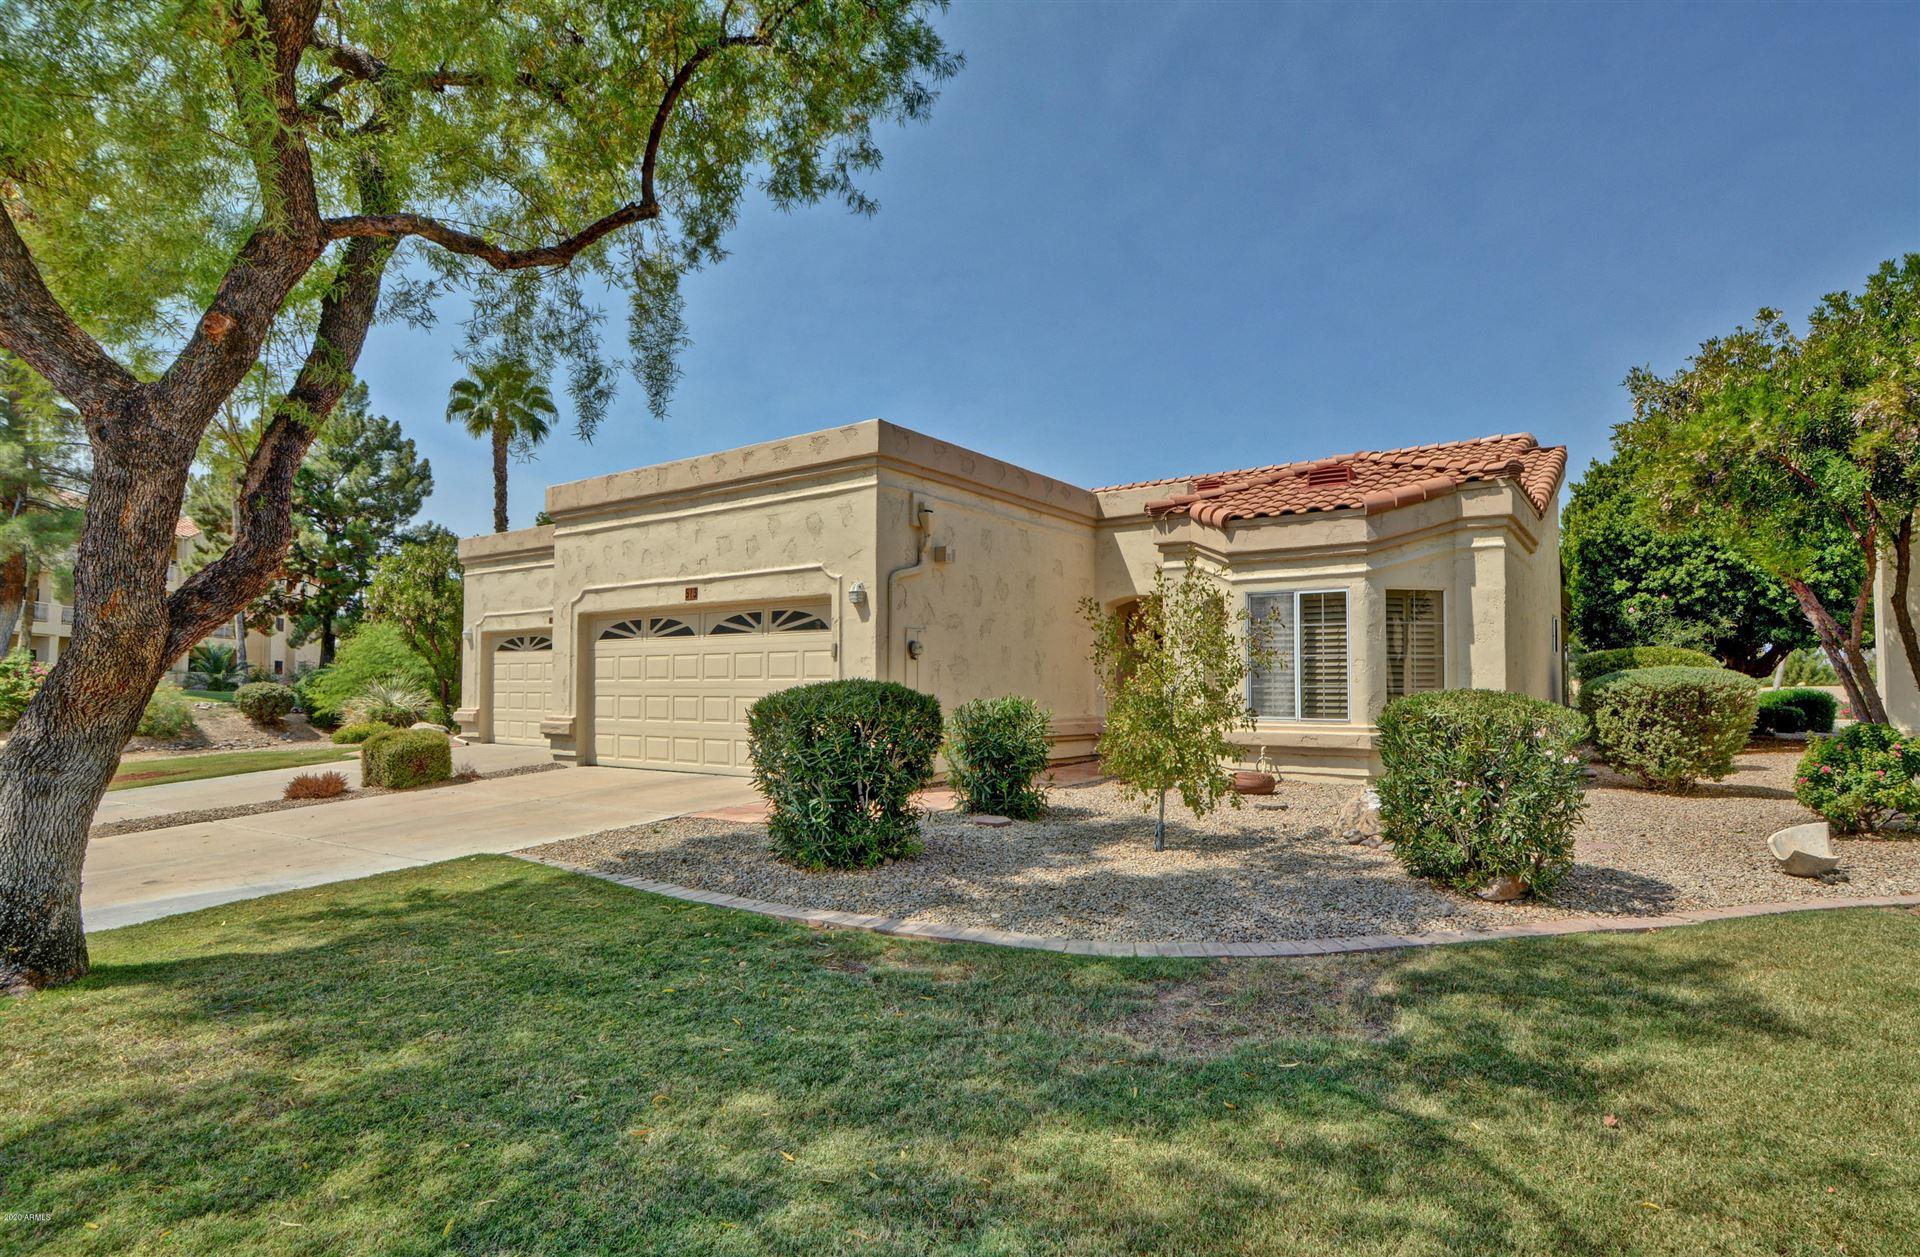 19420 N WESTBROOK Parkway #513, Peoria, AZ 85382 - MLS#: 6133036